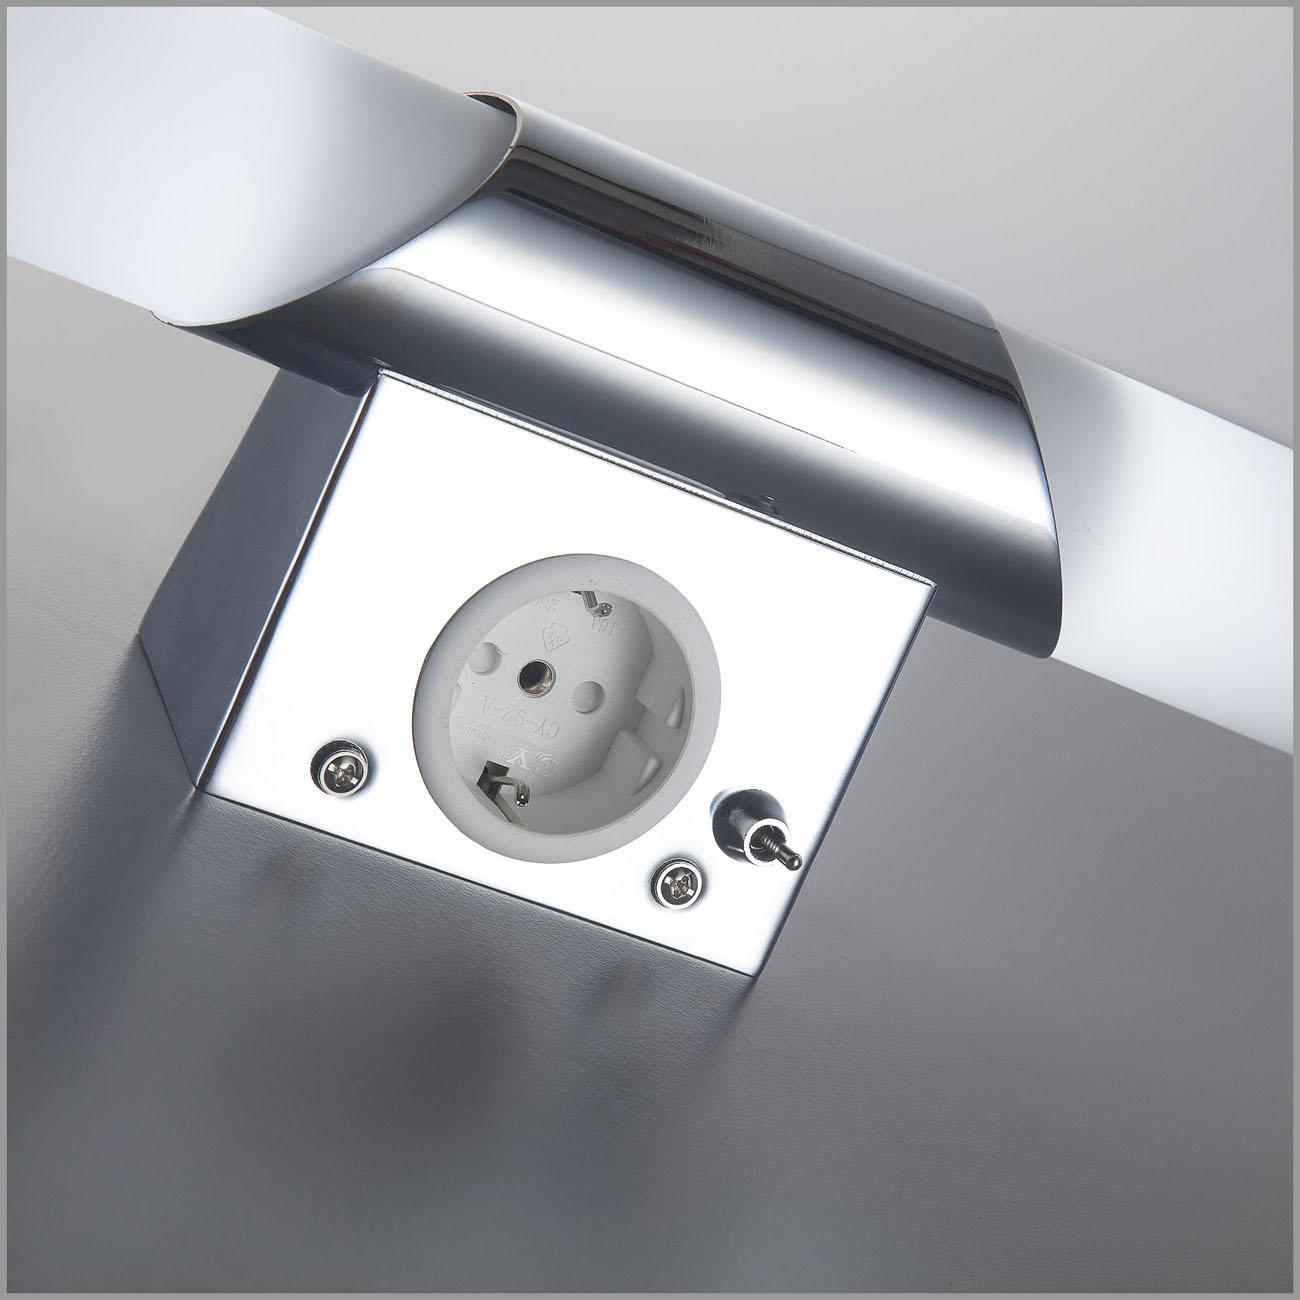 LED Spiegelleuchte Badlampe mit Steckdose 2xE14  - 6